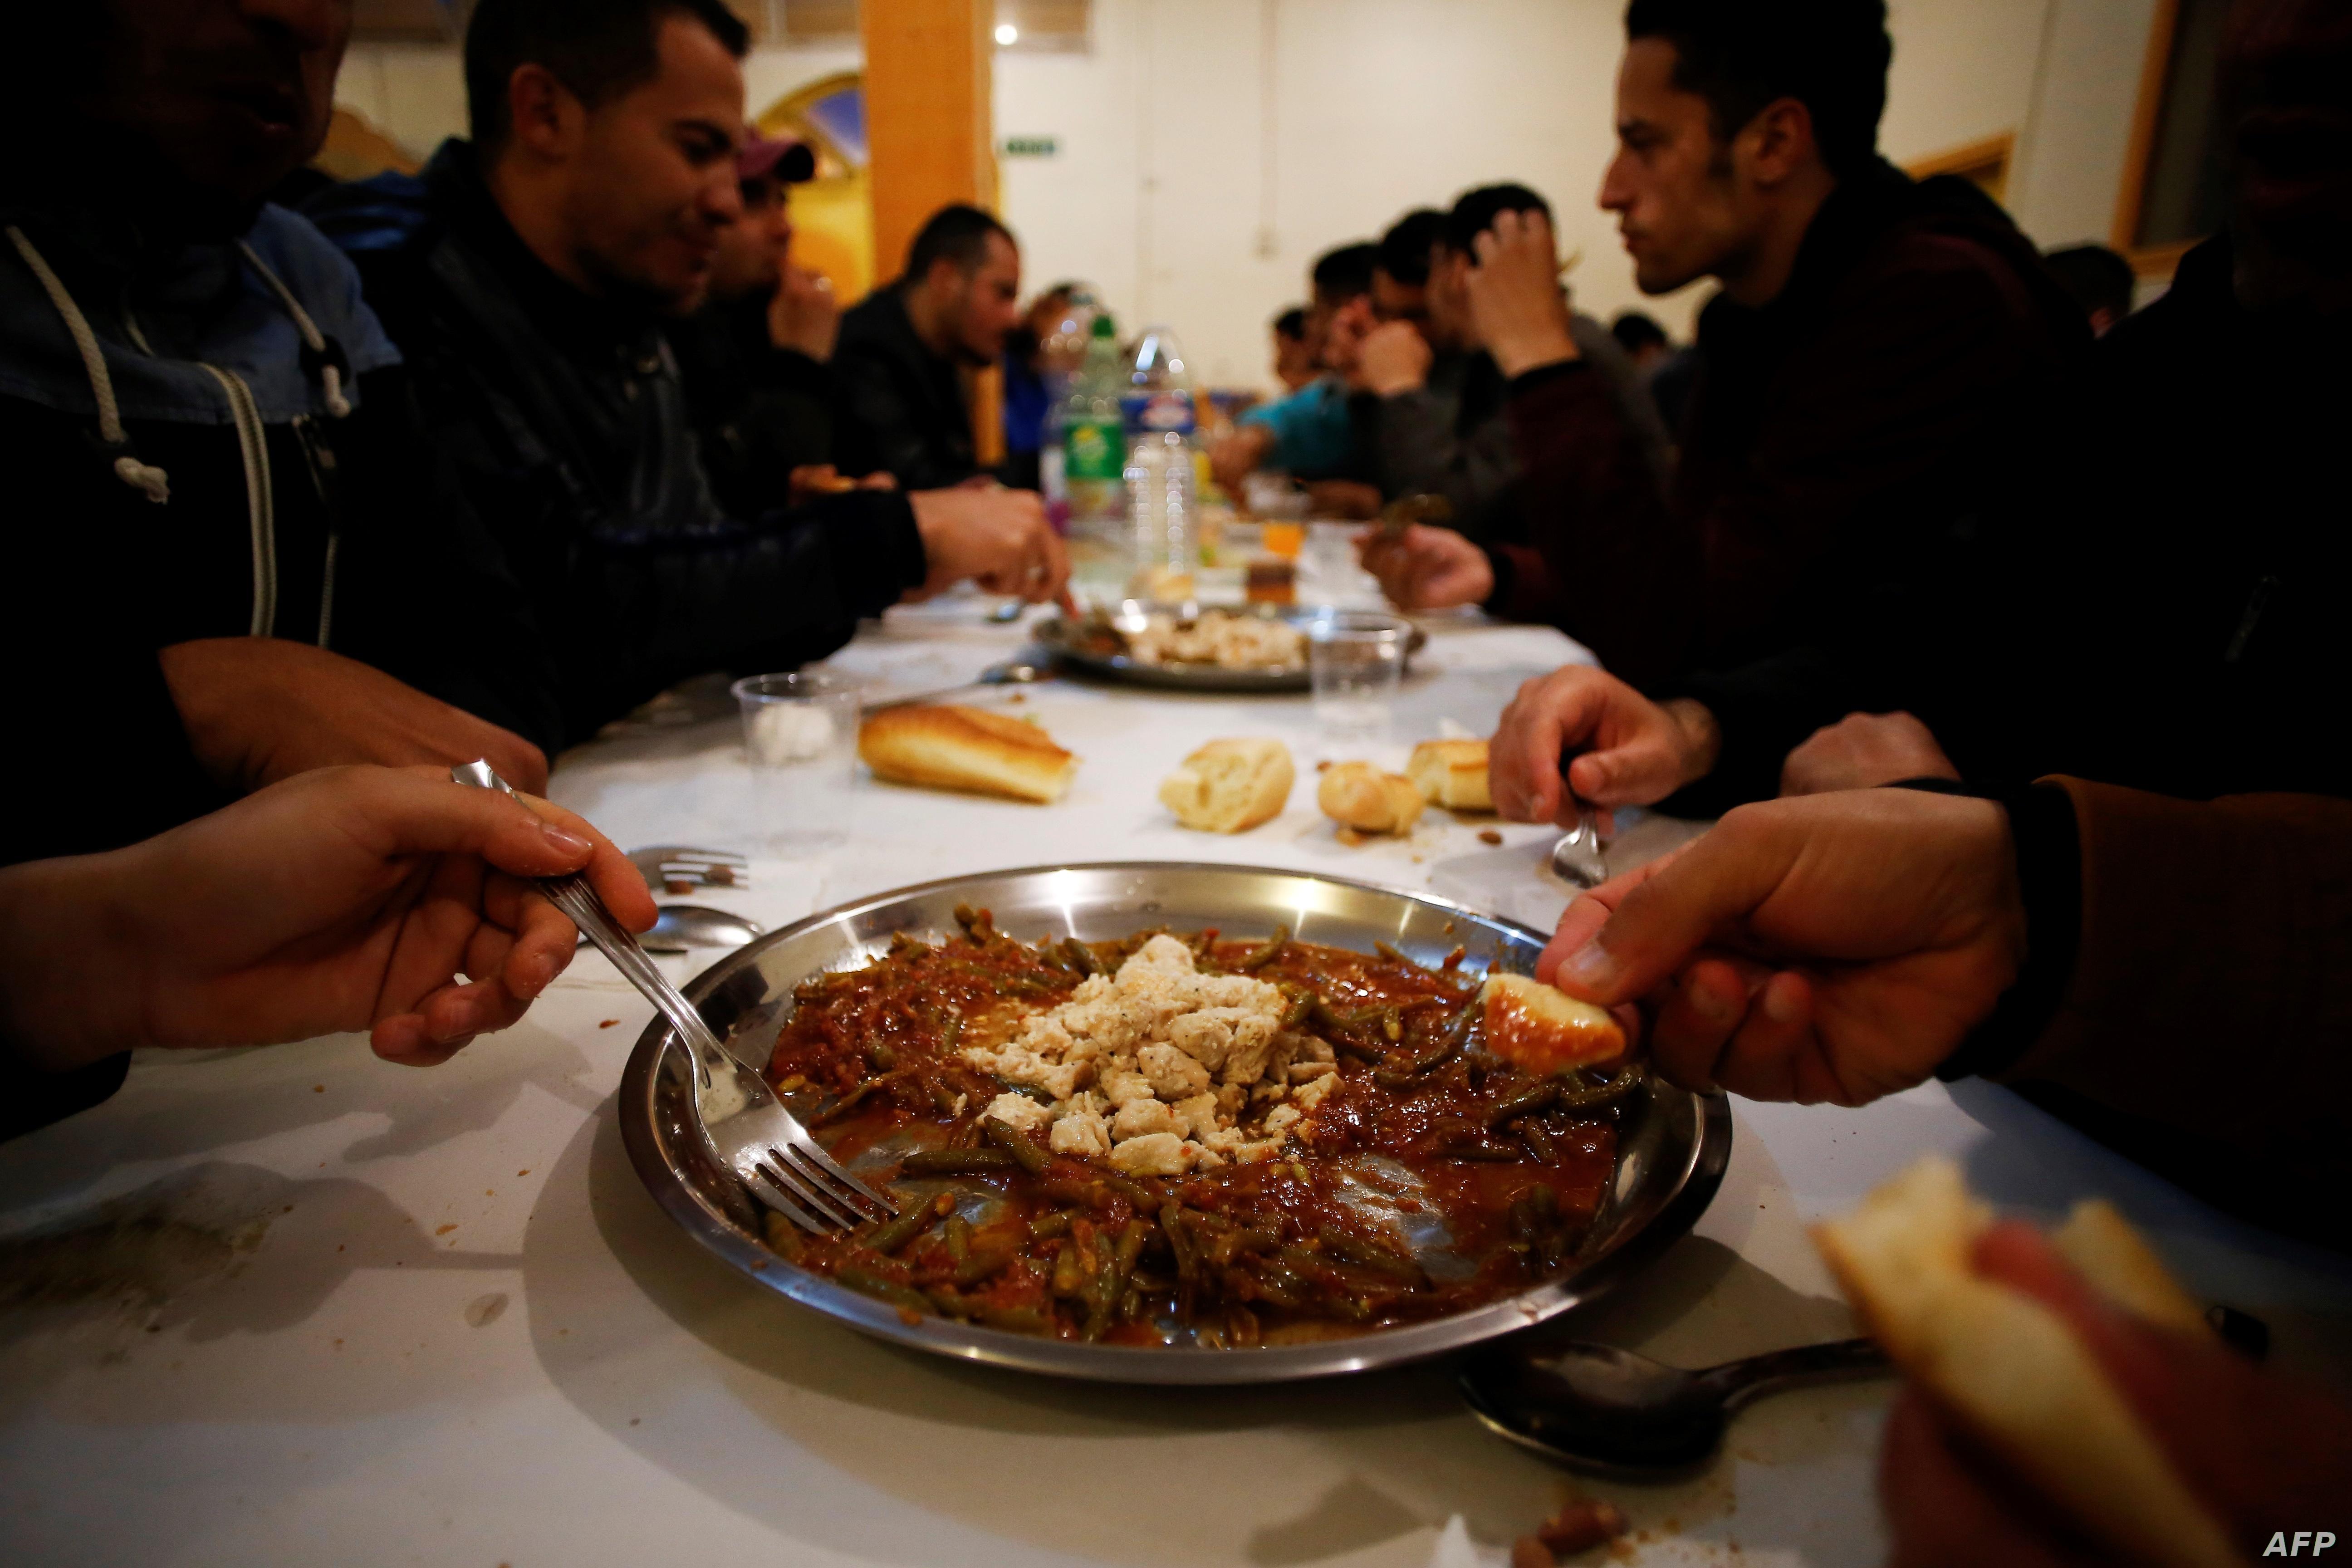 لهن المسيحيون يشاركون المسلمون فى الاحتفال برمضان